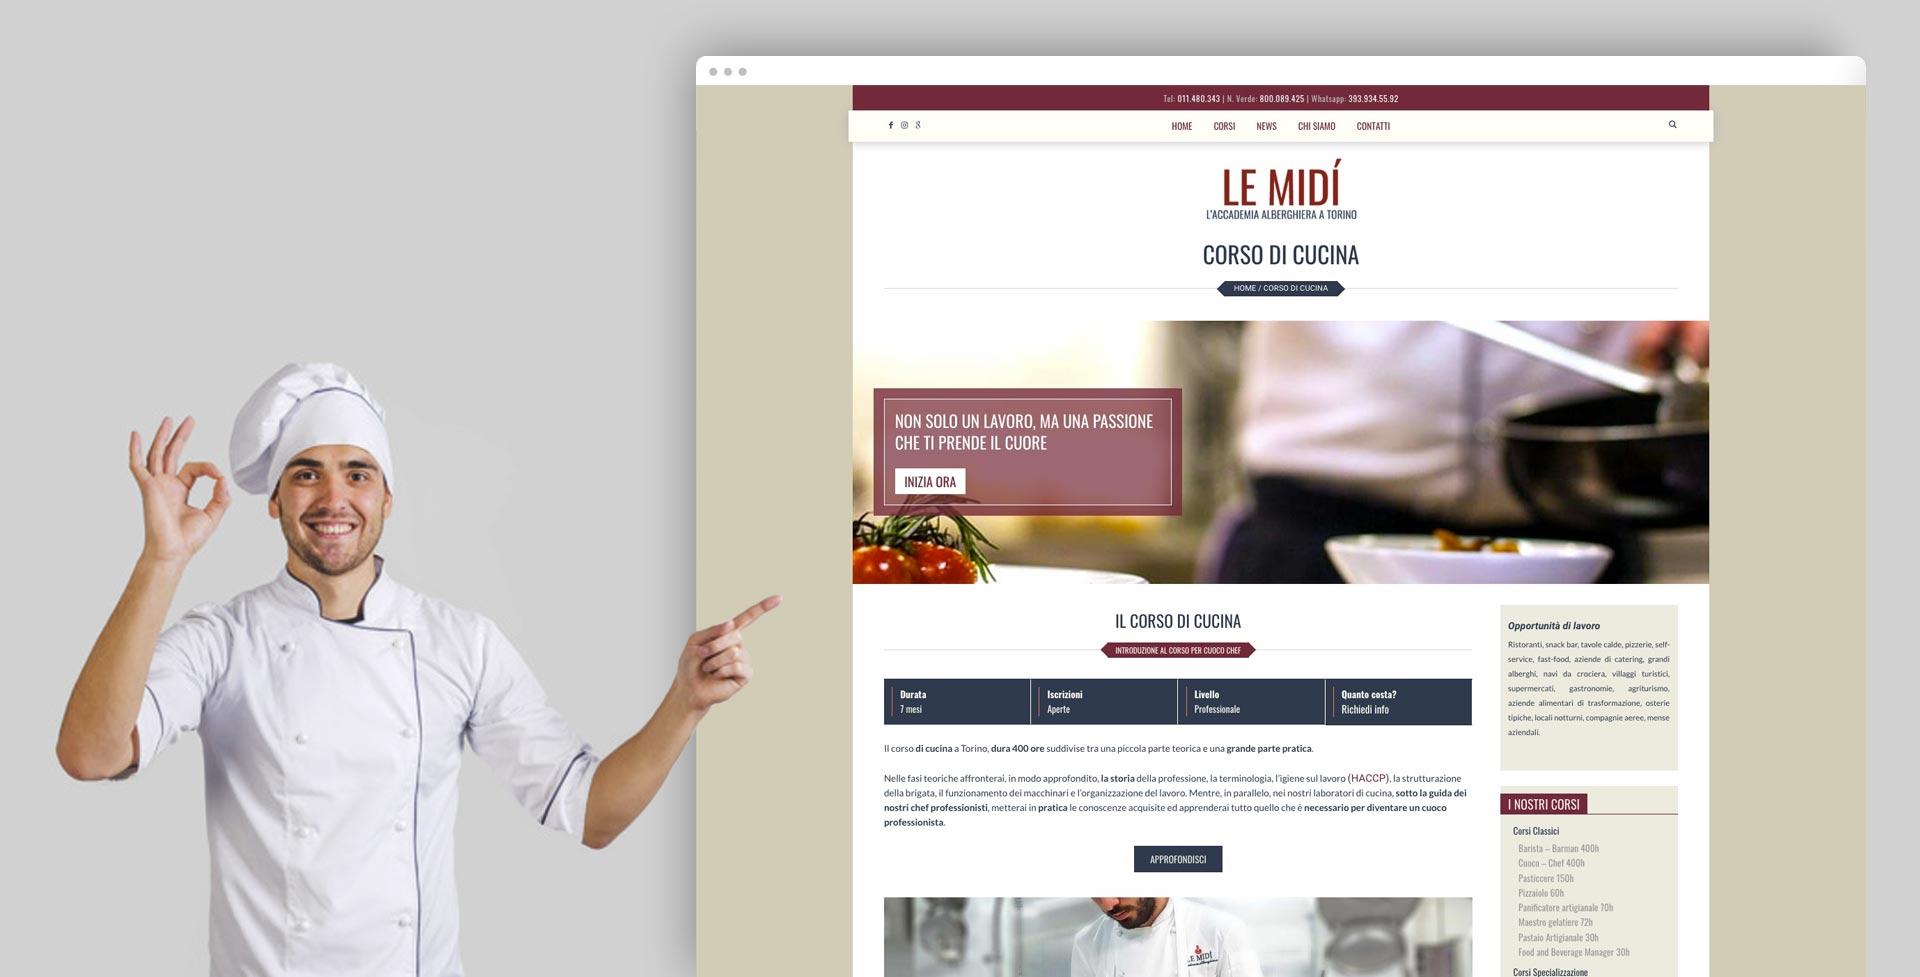 Sito Web Accademia Alberghiera Le Midì Torino Pagina Corso